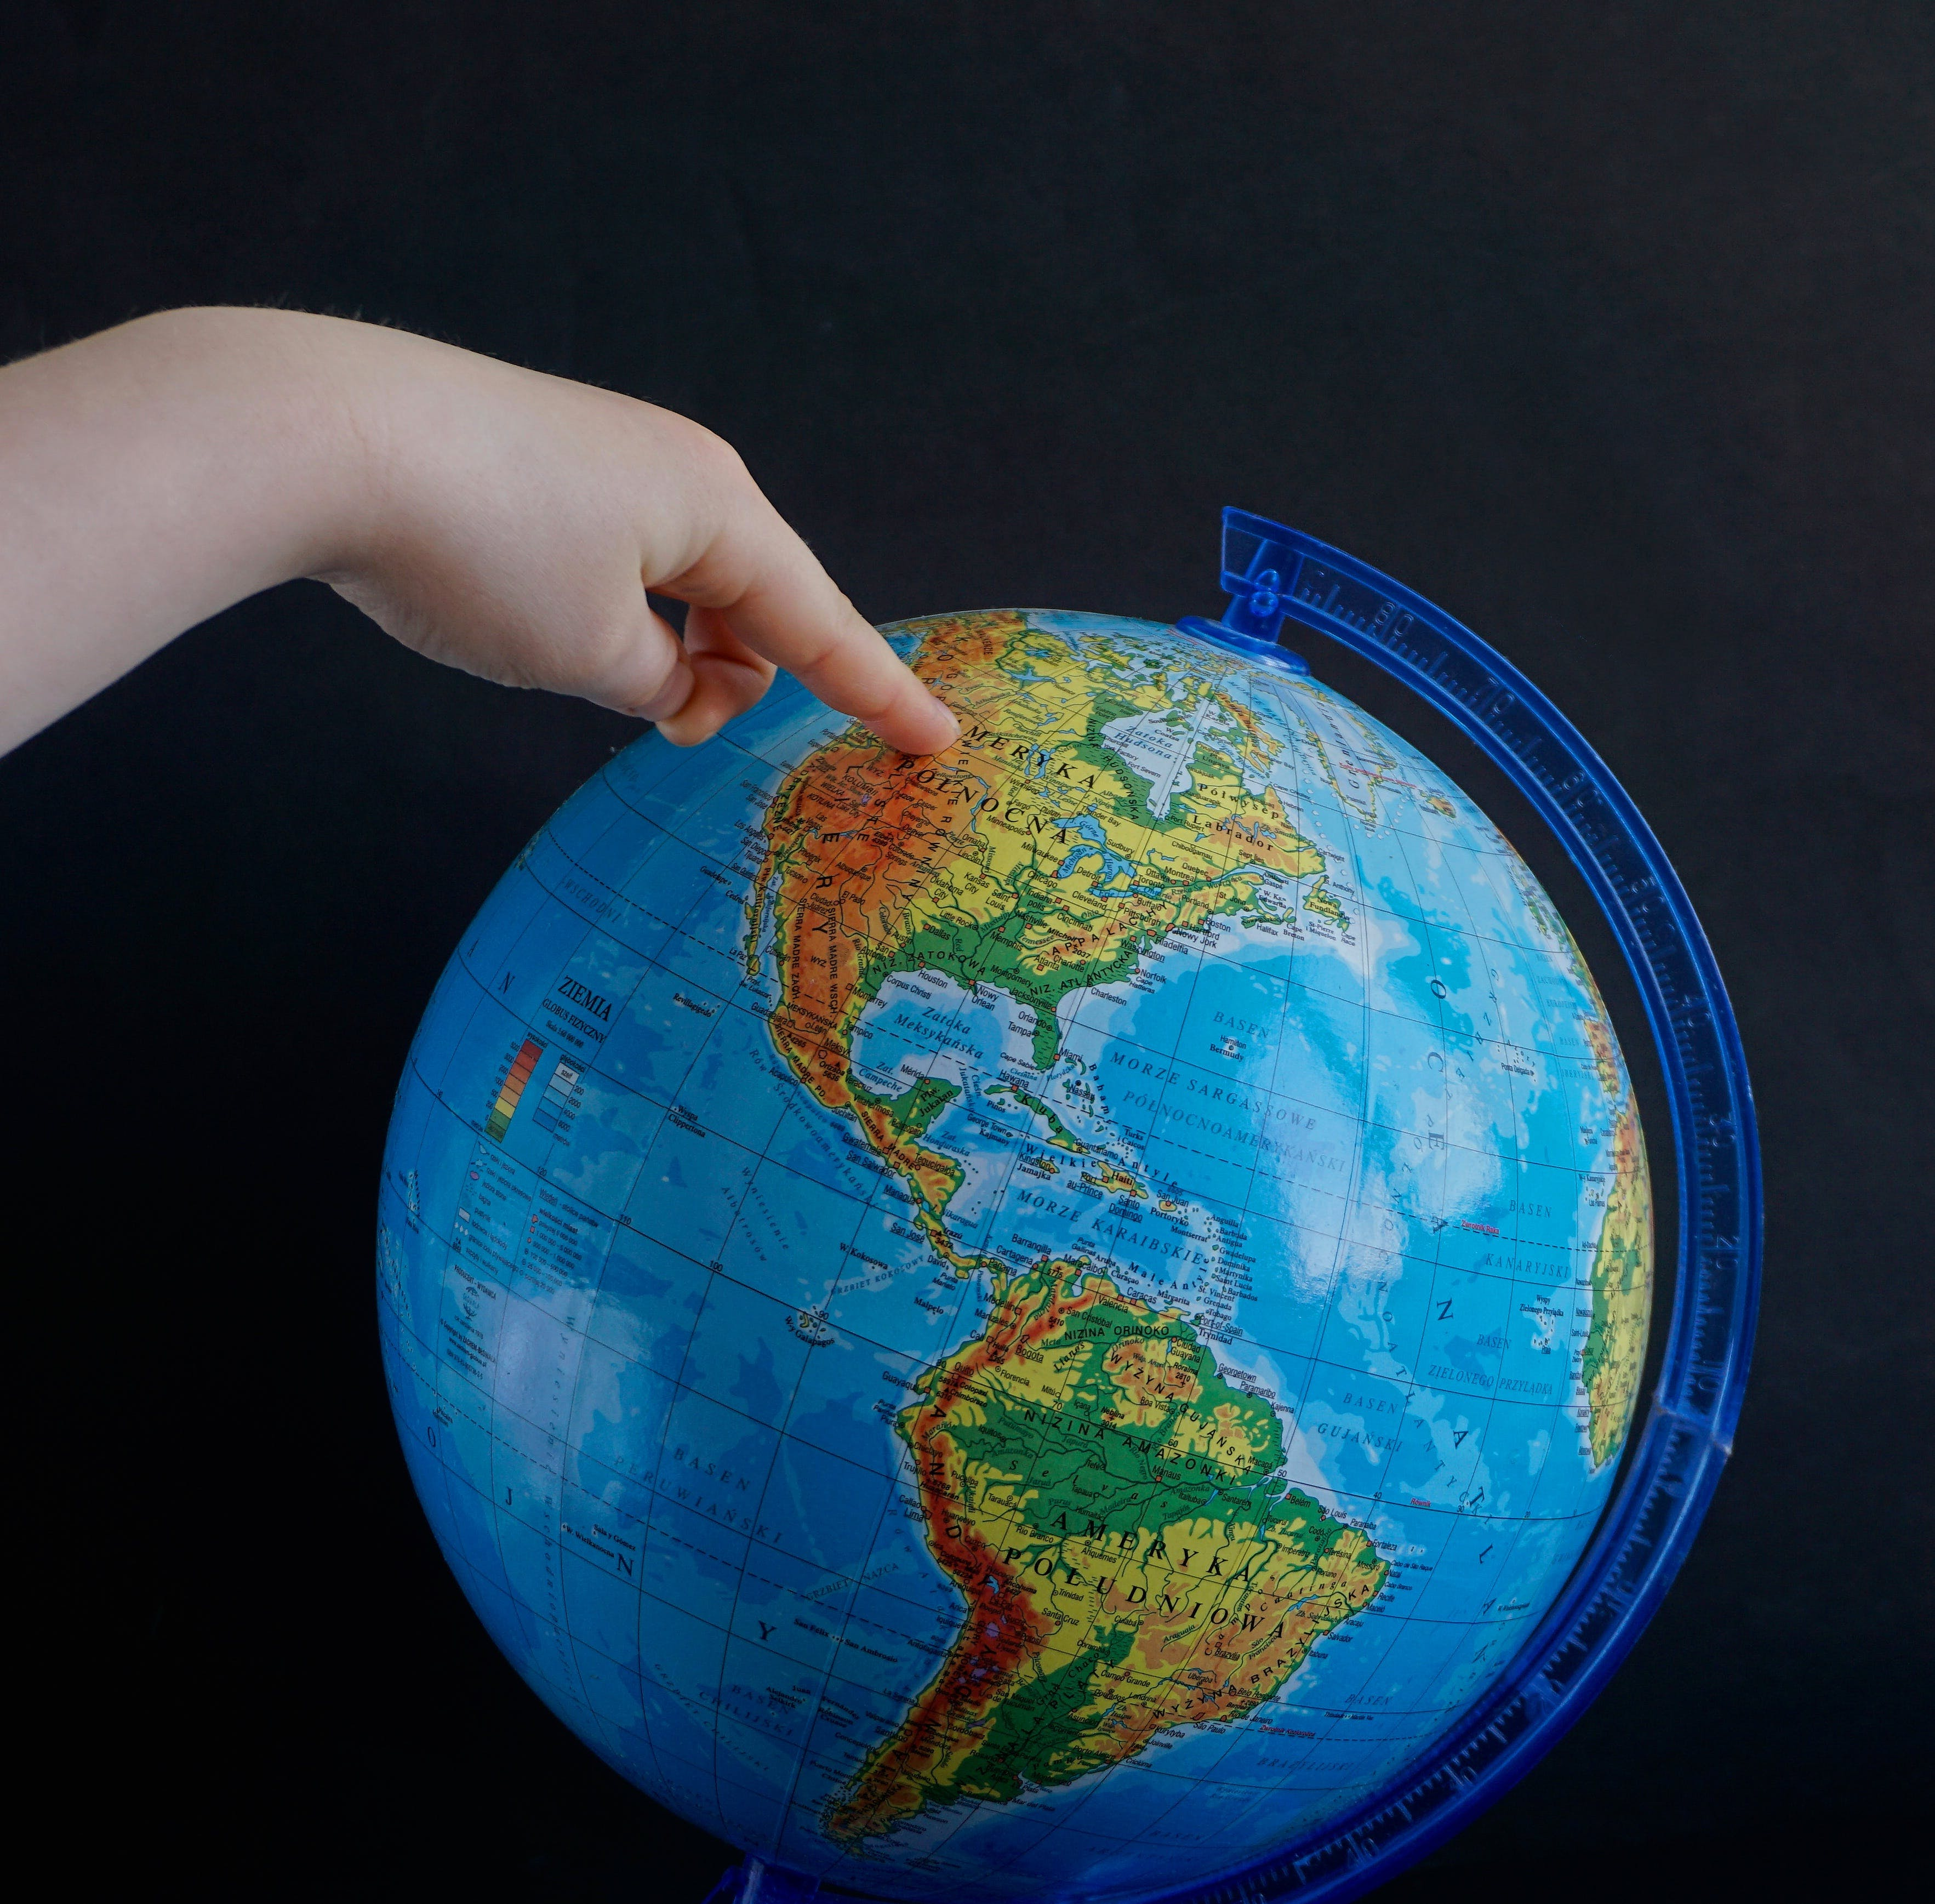 Foto profissional grátis de cartografia, continente, dedo, esfera